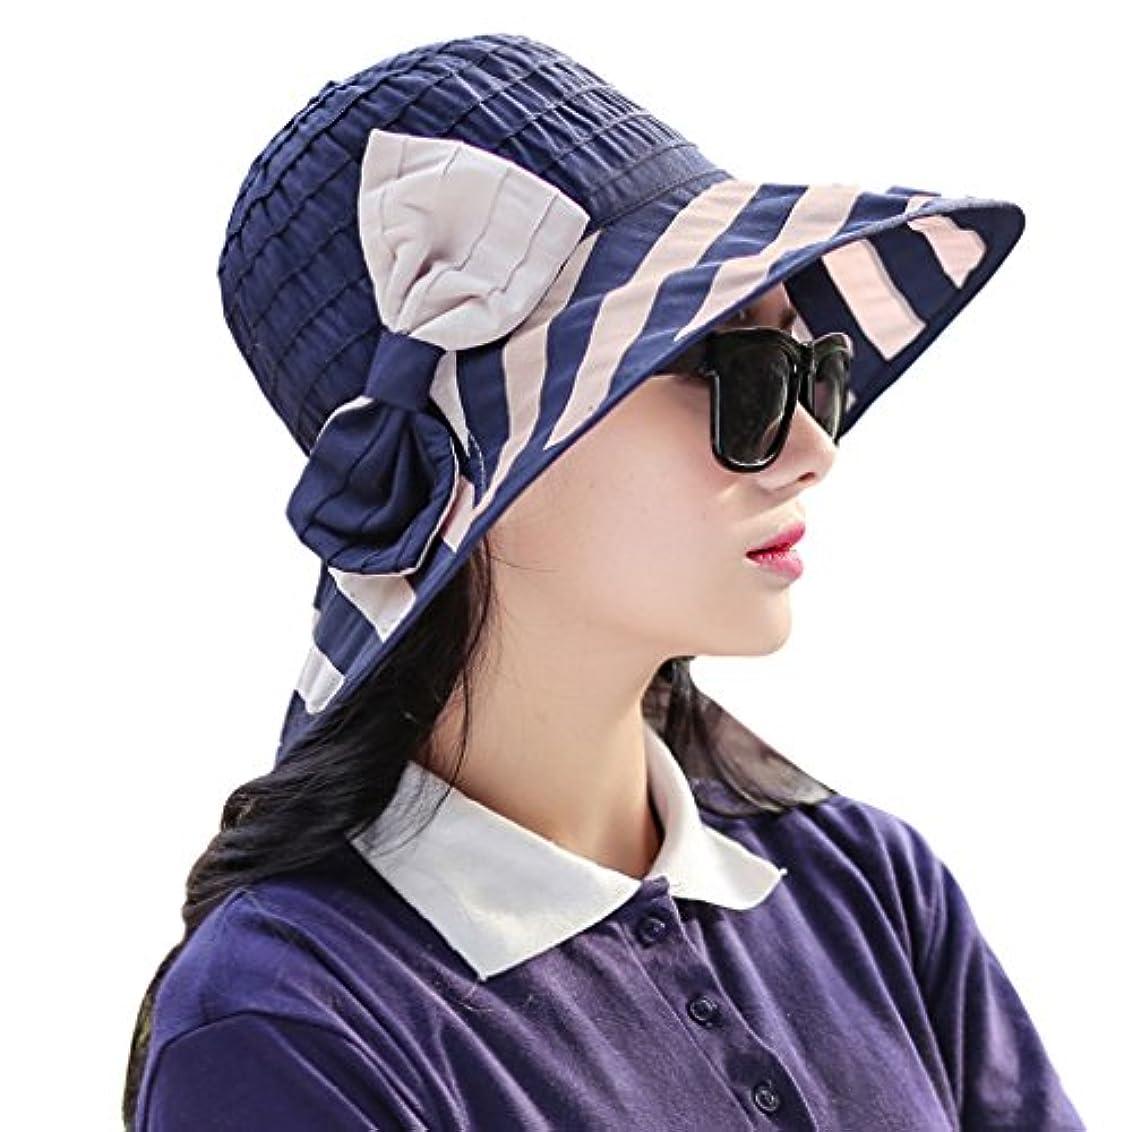 松明囲む裏切る日除け帽子 女の子 レディース ビーチハット 夏 紫外線対策 折り畳める 帽子 uvカット おしゃれ 蝶結び つば広 女優帽 可愛い 遮光ハット 白肌キープ 小顔効果 通勤 旅行 外遊び